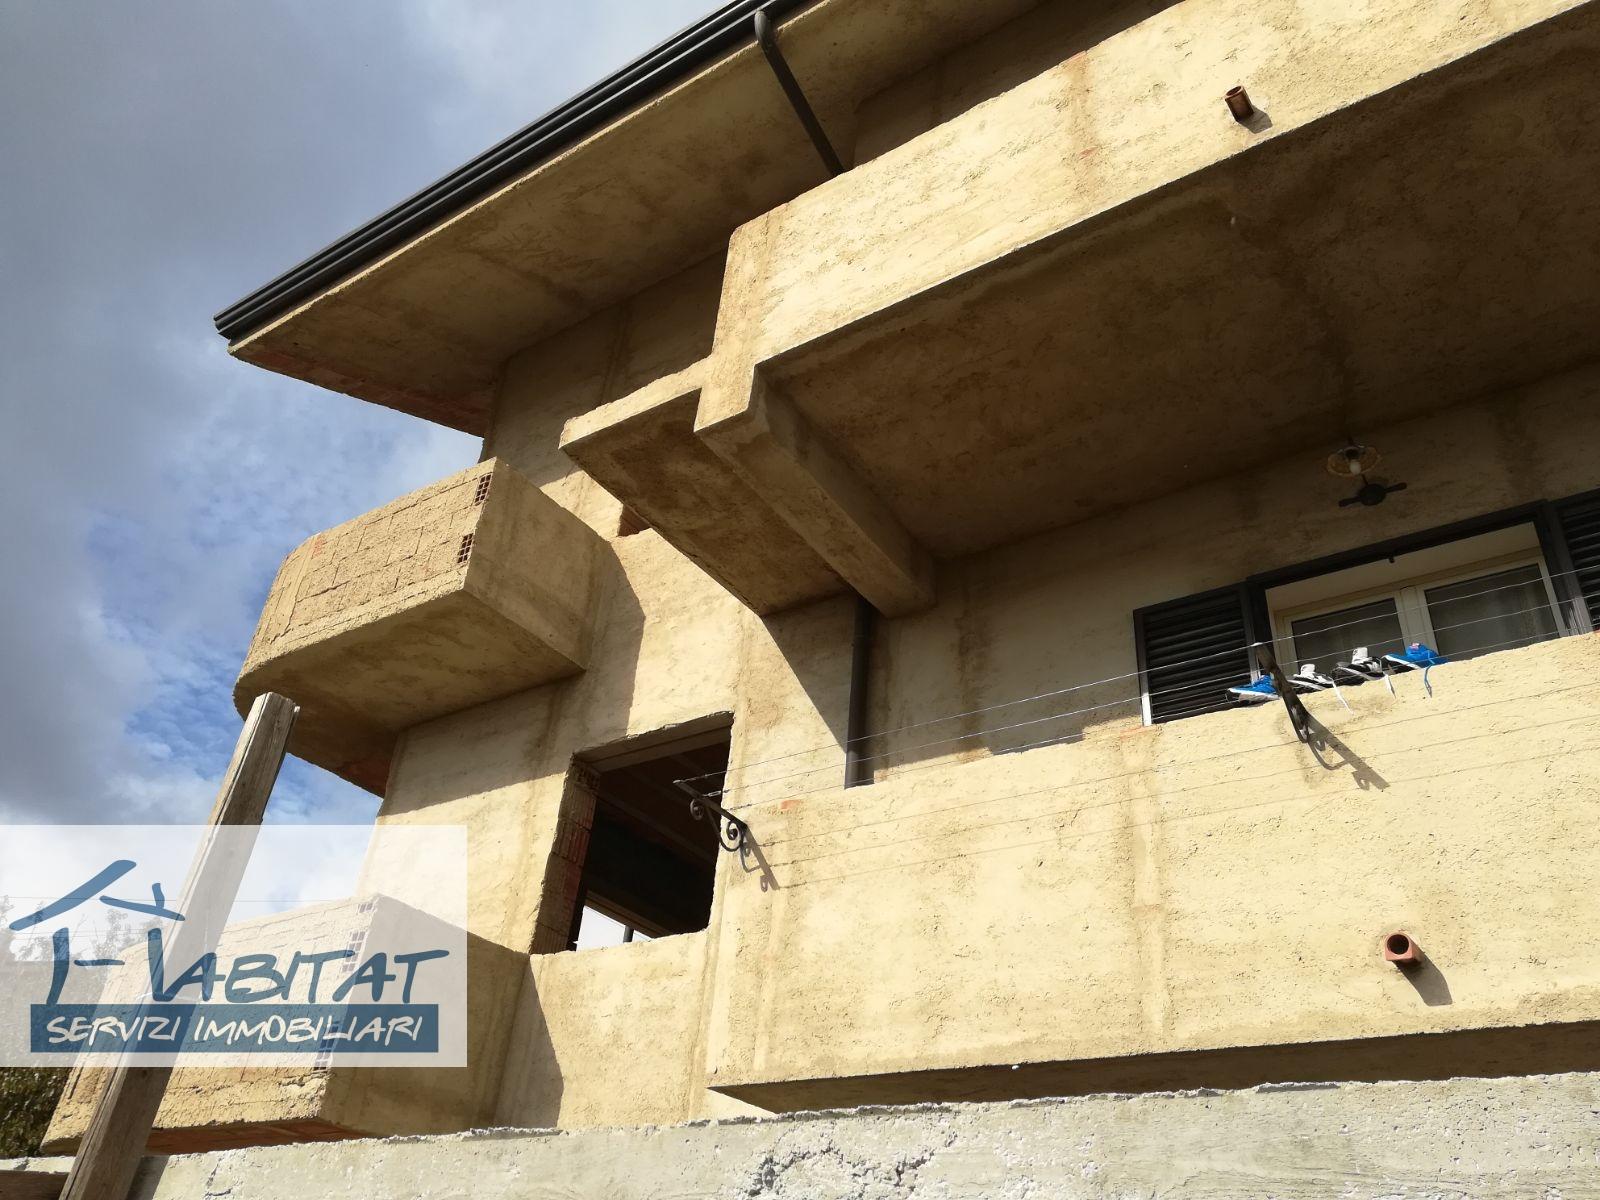 Villa in vendita a Aragona, 9999 locali, zona Zona: Caldare, prezzo € 69.000 | CambioCasa.it